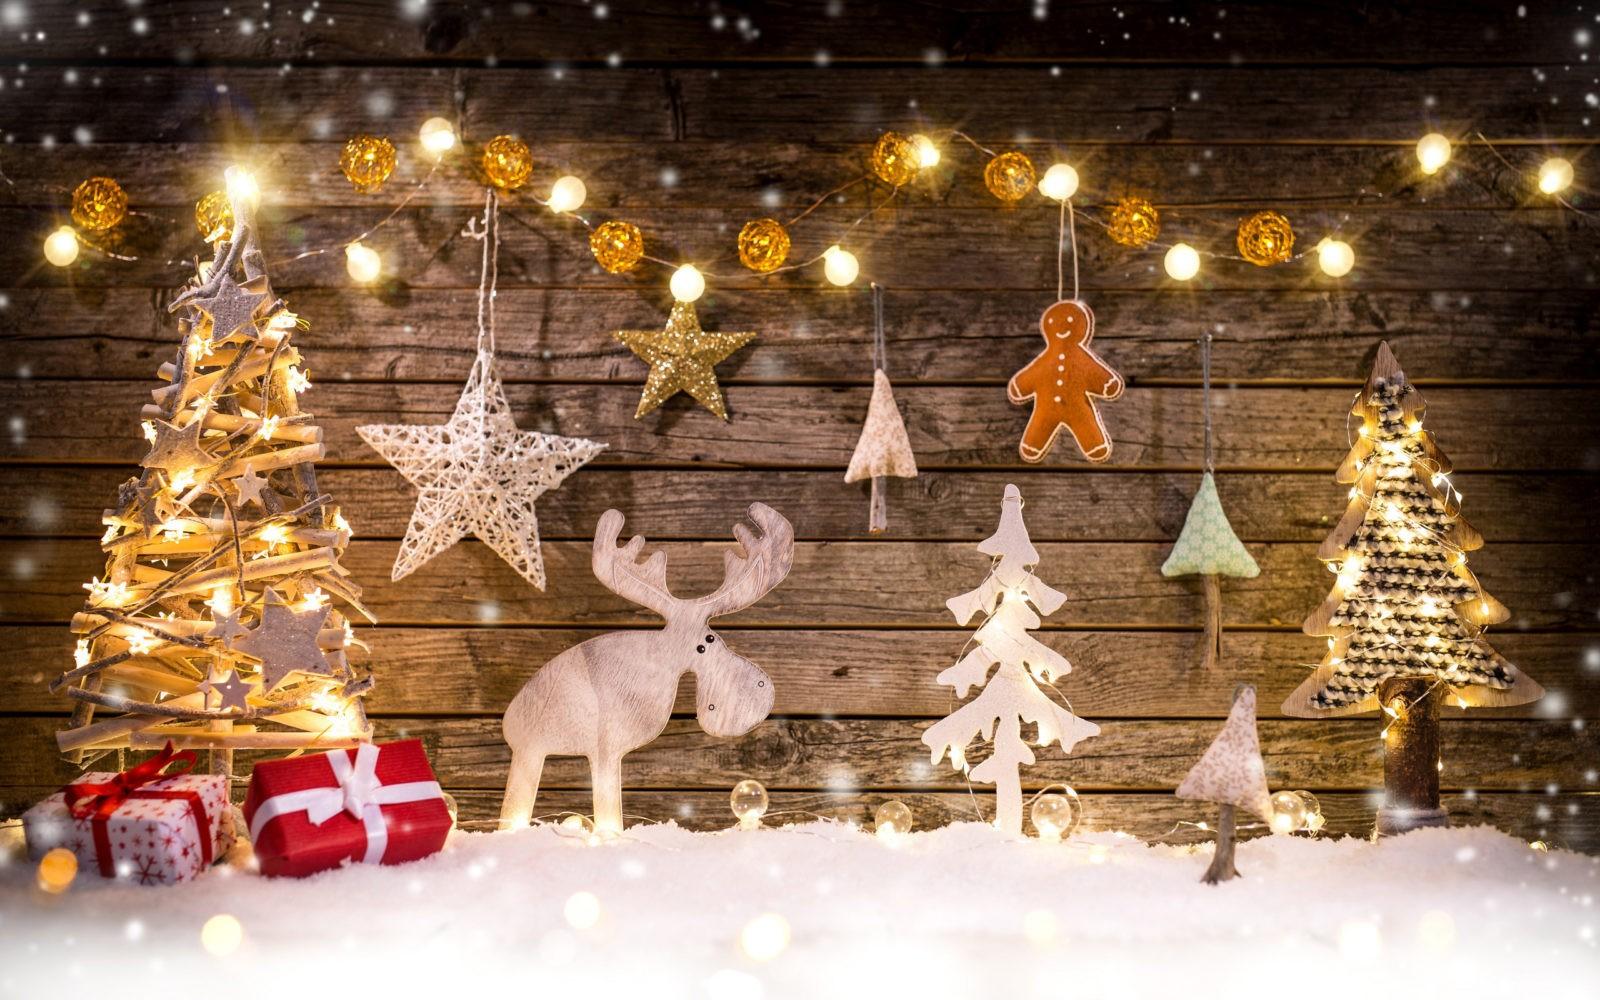 Новогодние украшения: создаем праздничный декор к 2019 году